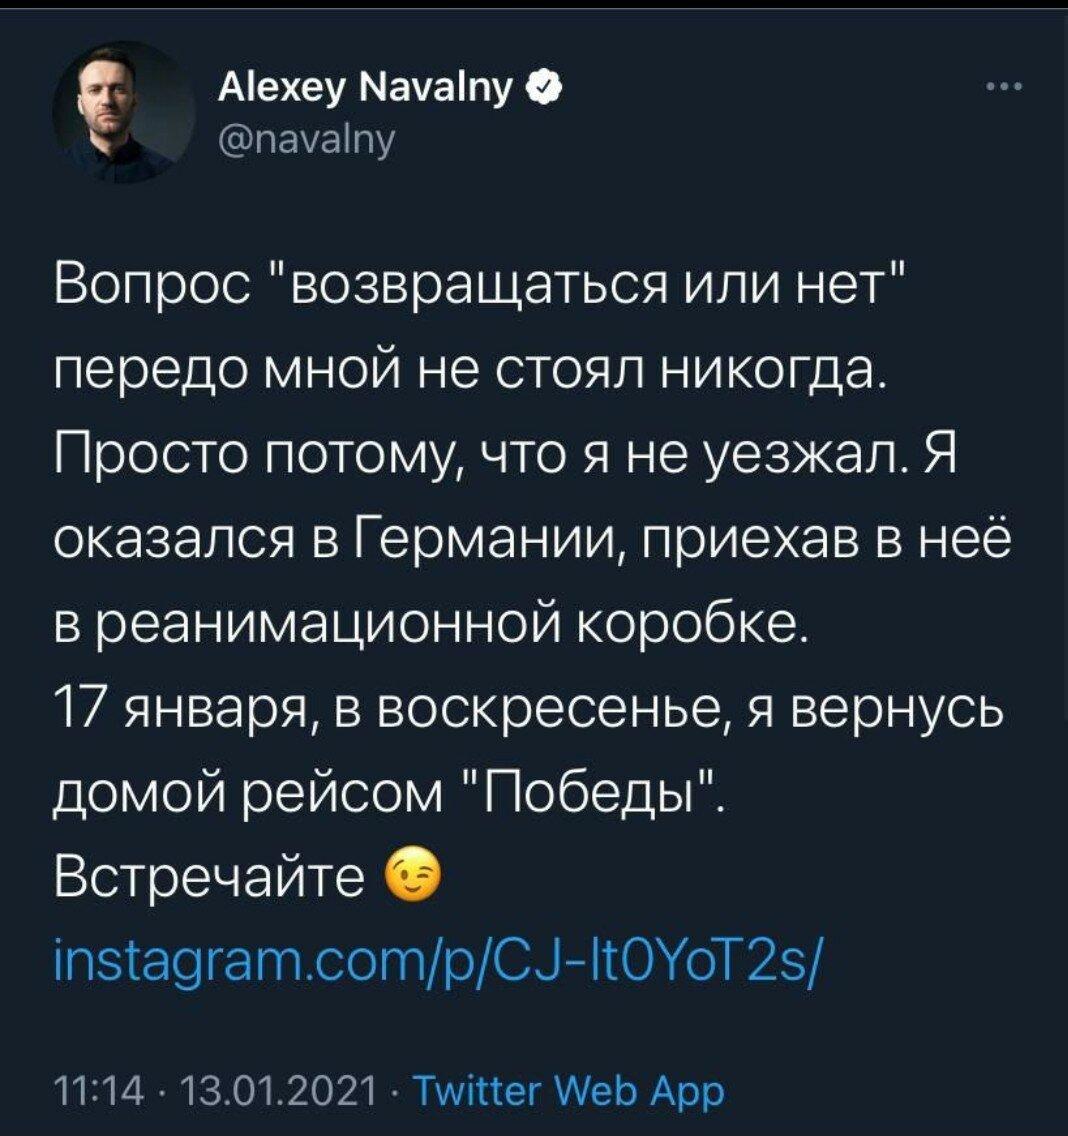 Навальный купил билет в Россию. В Кремле паника может, самым, сейчас, потому, точно, здесь, просто, Навальный, заслужил, пространство, Россию, Теперь, Кремле, такой, знаете, России, полностью, нейроны, прямо, вопрос